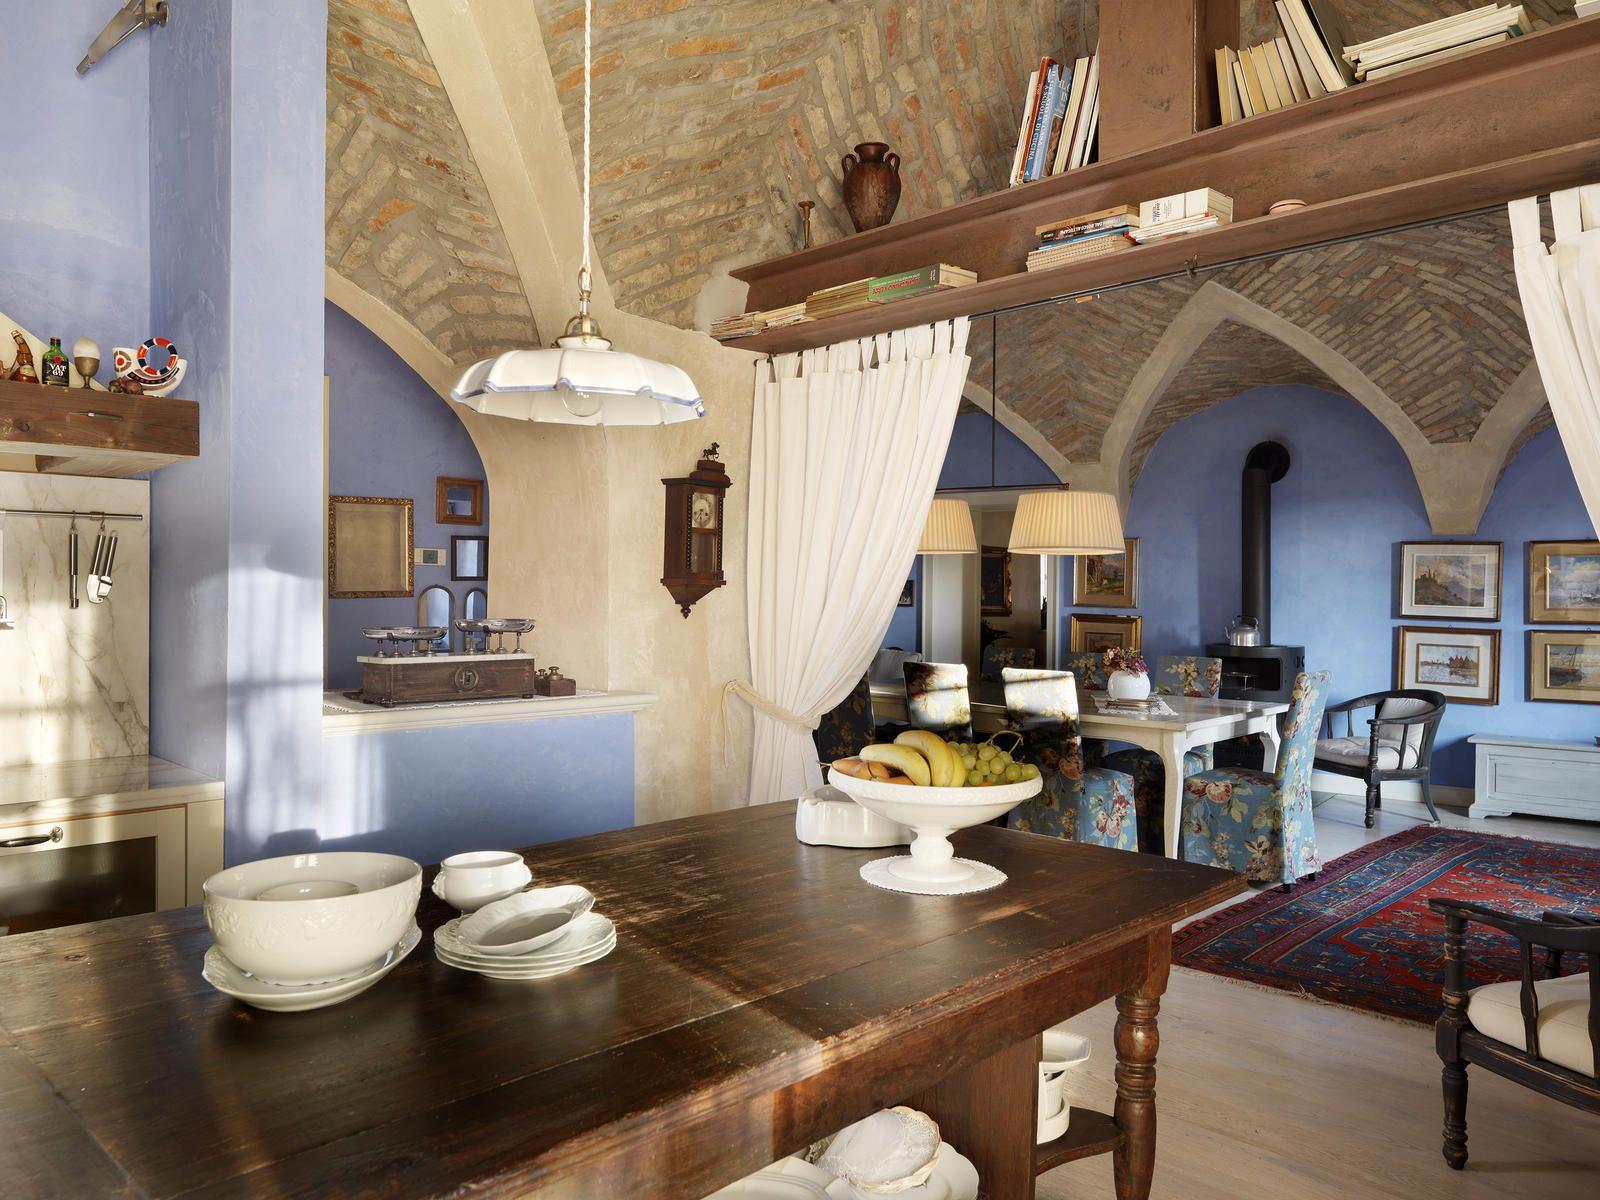 Arredamento antico di campagna casa di campagna arredo for Casa interni